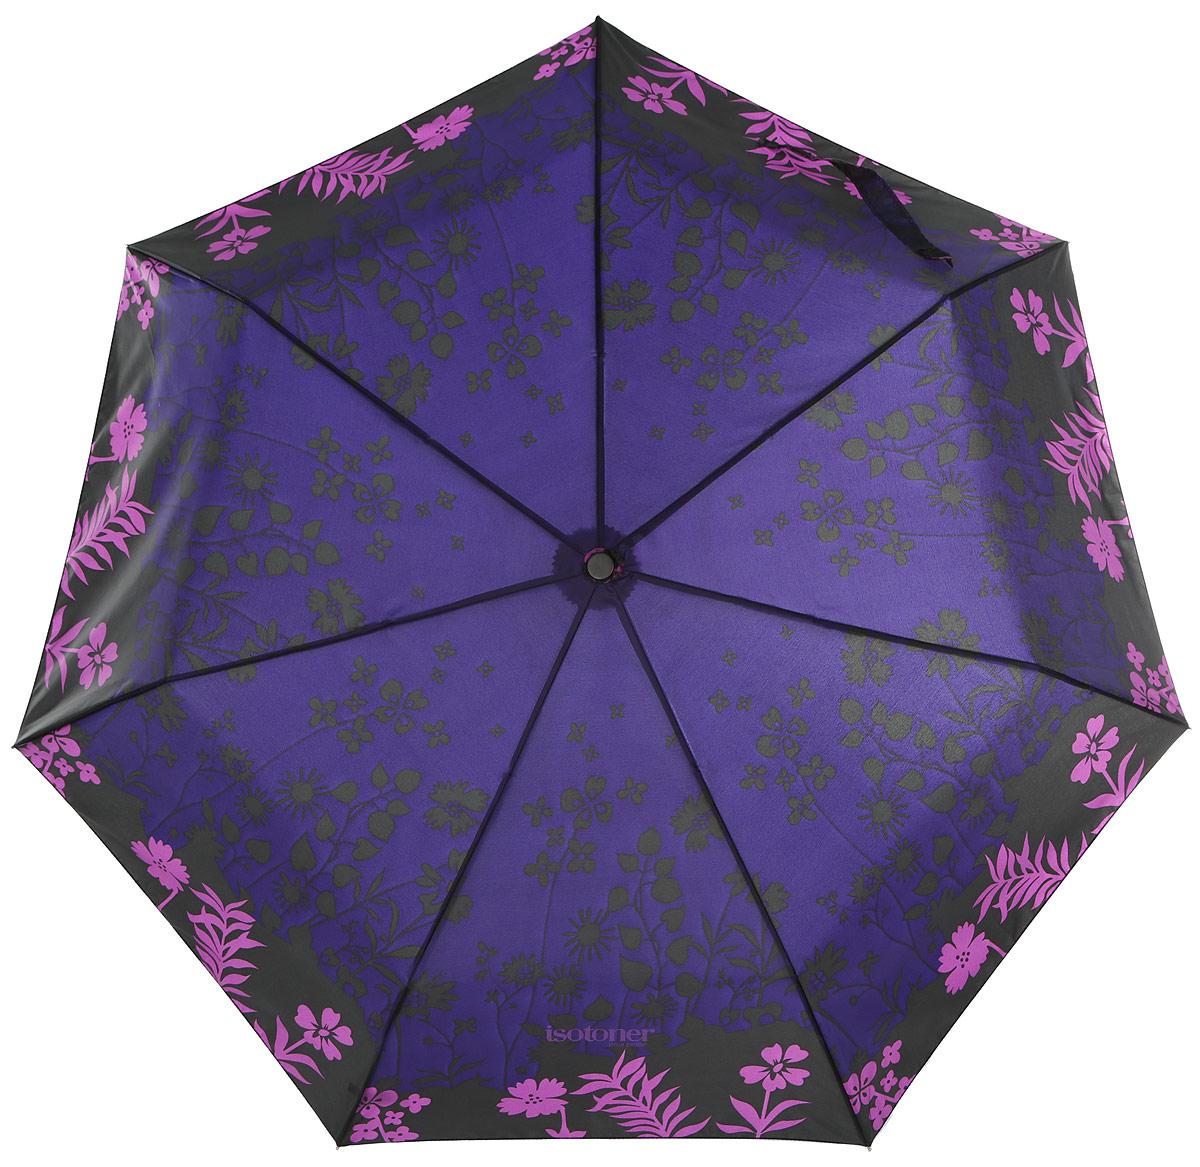 Зонт женский Isotoner Ombre Florale, автомат, 3 сложения, цвет: черный, фиолетовый. 0935809358-2336_цветыСтильный зонт Isotoner Ombre Florale оформлен ярким цветочным принтом. Каркас зонта выполнен из семи стальных спиц и оснащен удобной рукояткой из пластика. Зонт имеет автоматический механизм сложения: купол открывается и закрывается нажатием кнопки на рукоятке, стержень складывается вручную до характерного щелчка, благодаря чему открыть и закрыть зонт можно одной рукой, что чрезвычайно удобно при входе в транспорт или помещение. Купол зонта выполнен из прочного полиэстера. К зонту прилагается чехол. Стильный зонт даже в ненастную погоду позволит вам оставаться стильной и элегантной.